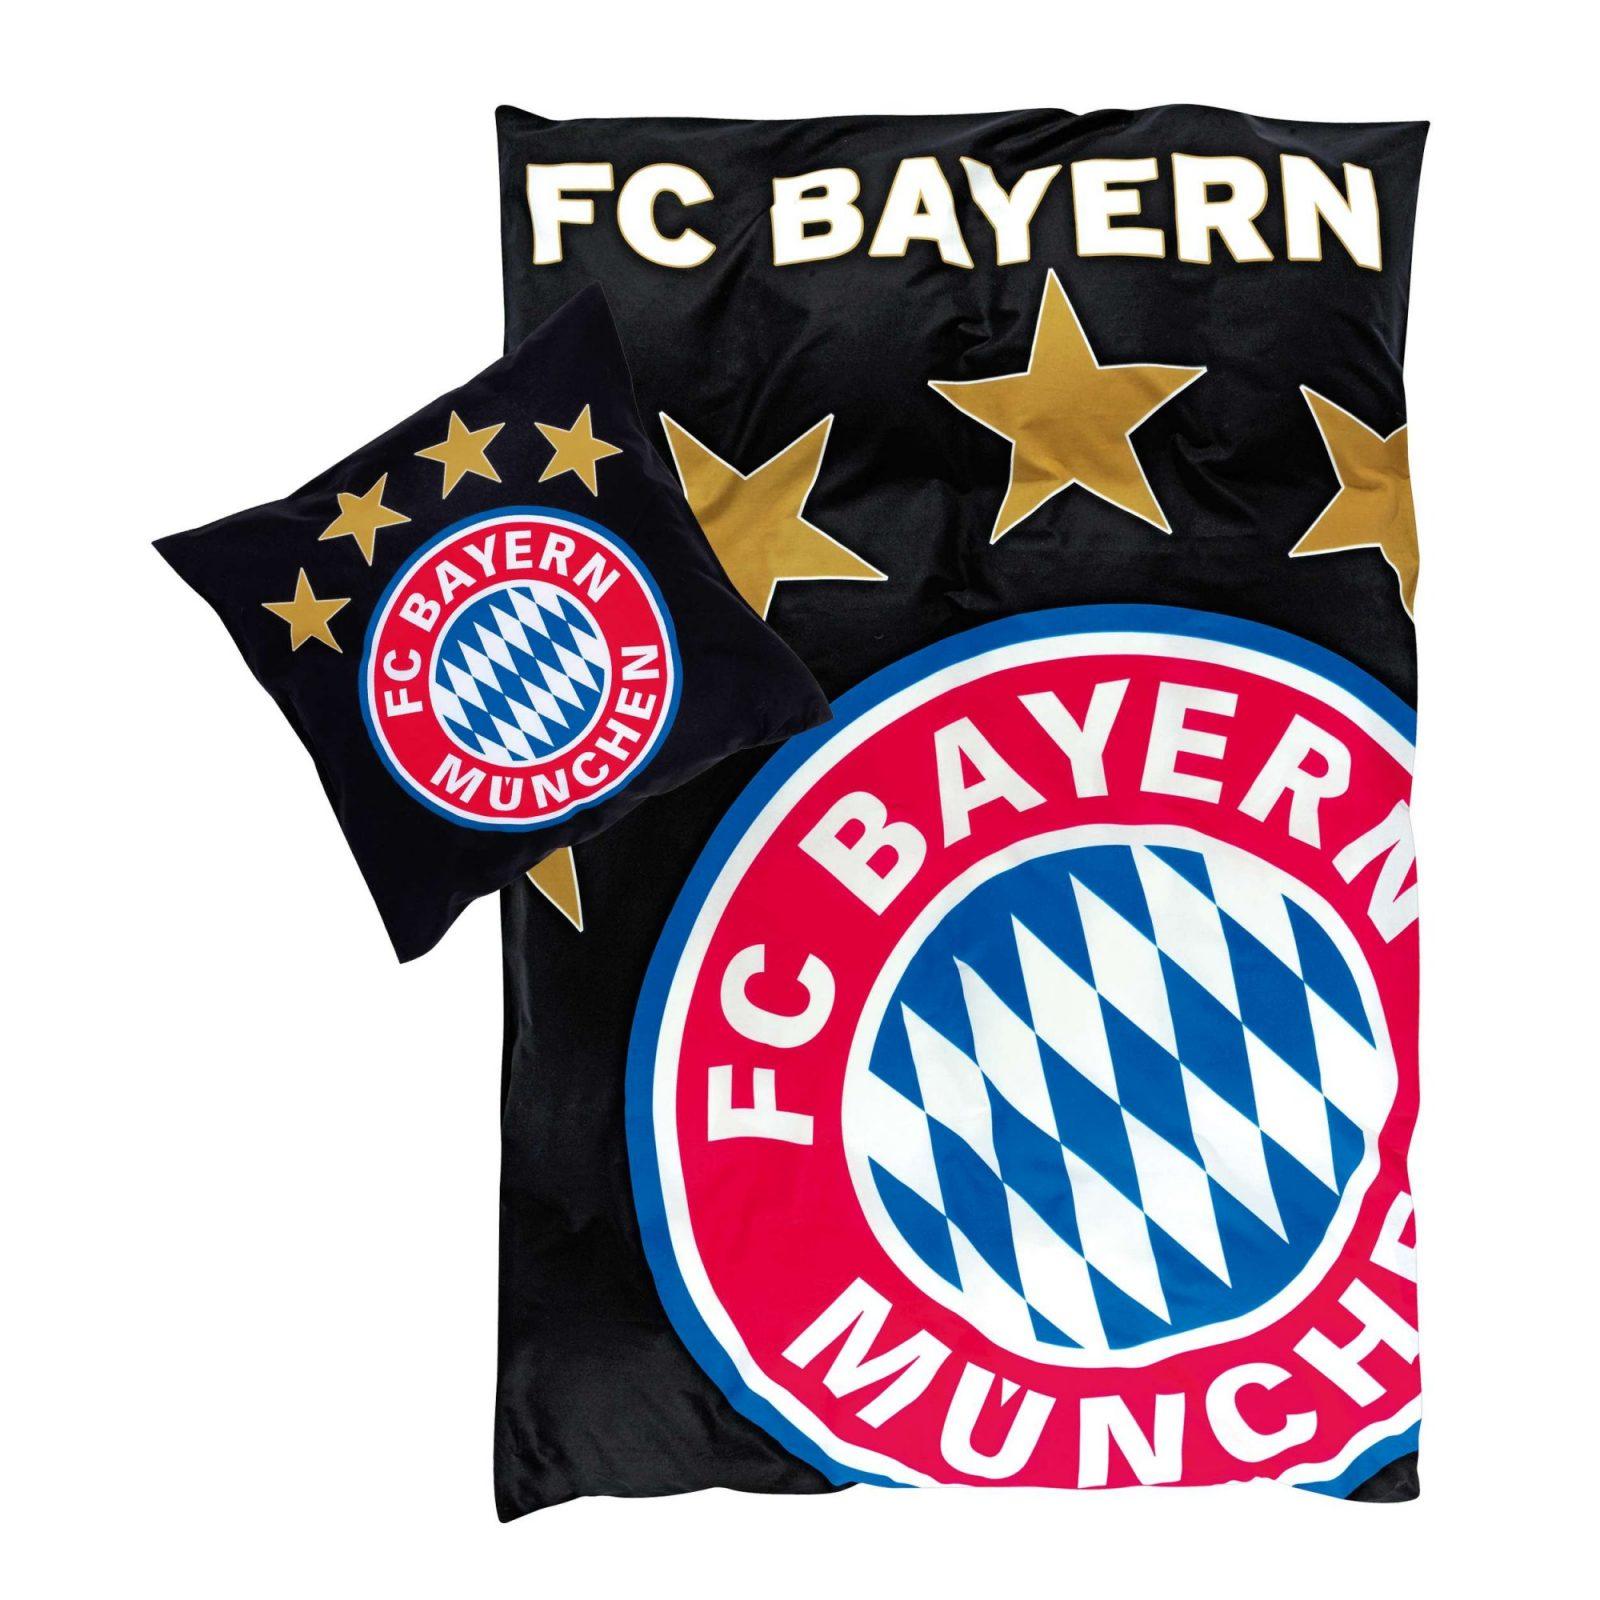 Bettwäsche Glow In The Dark  Offizieller Fc Bayern Fanshop von Fc Bayern Bettwäsche Biber Photo